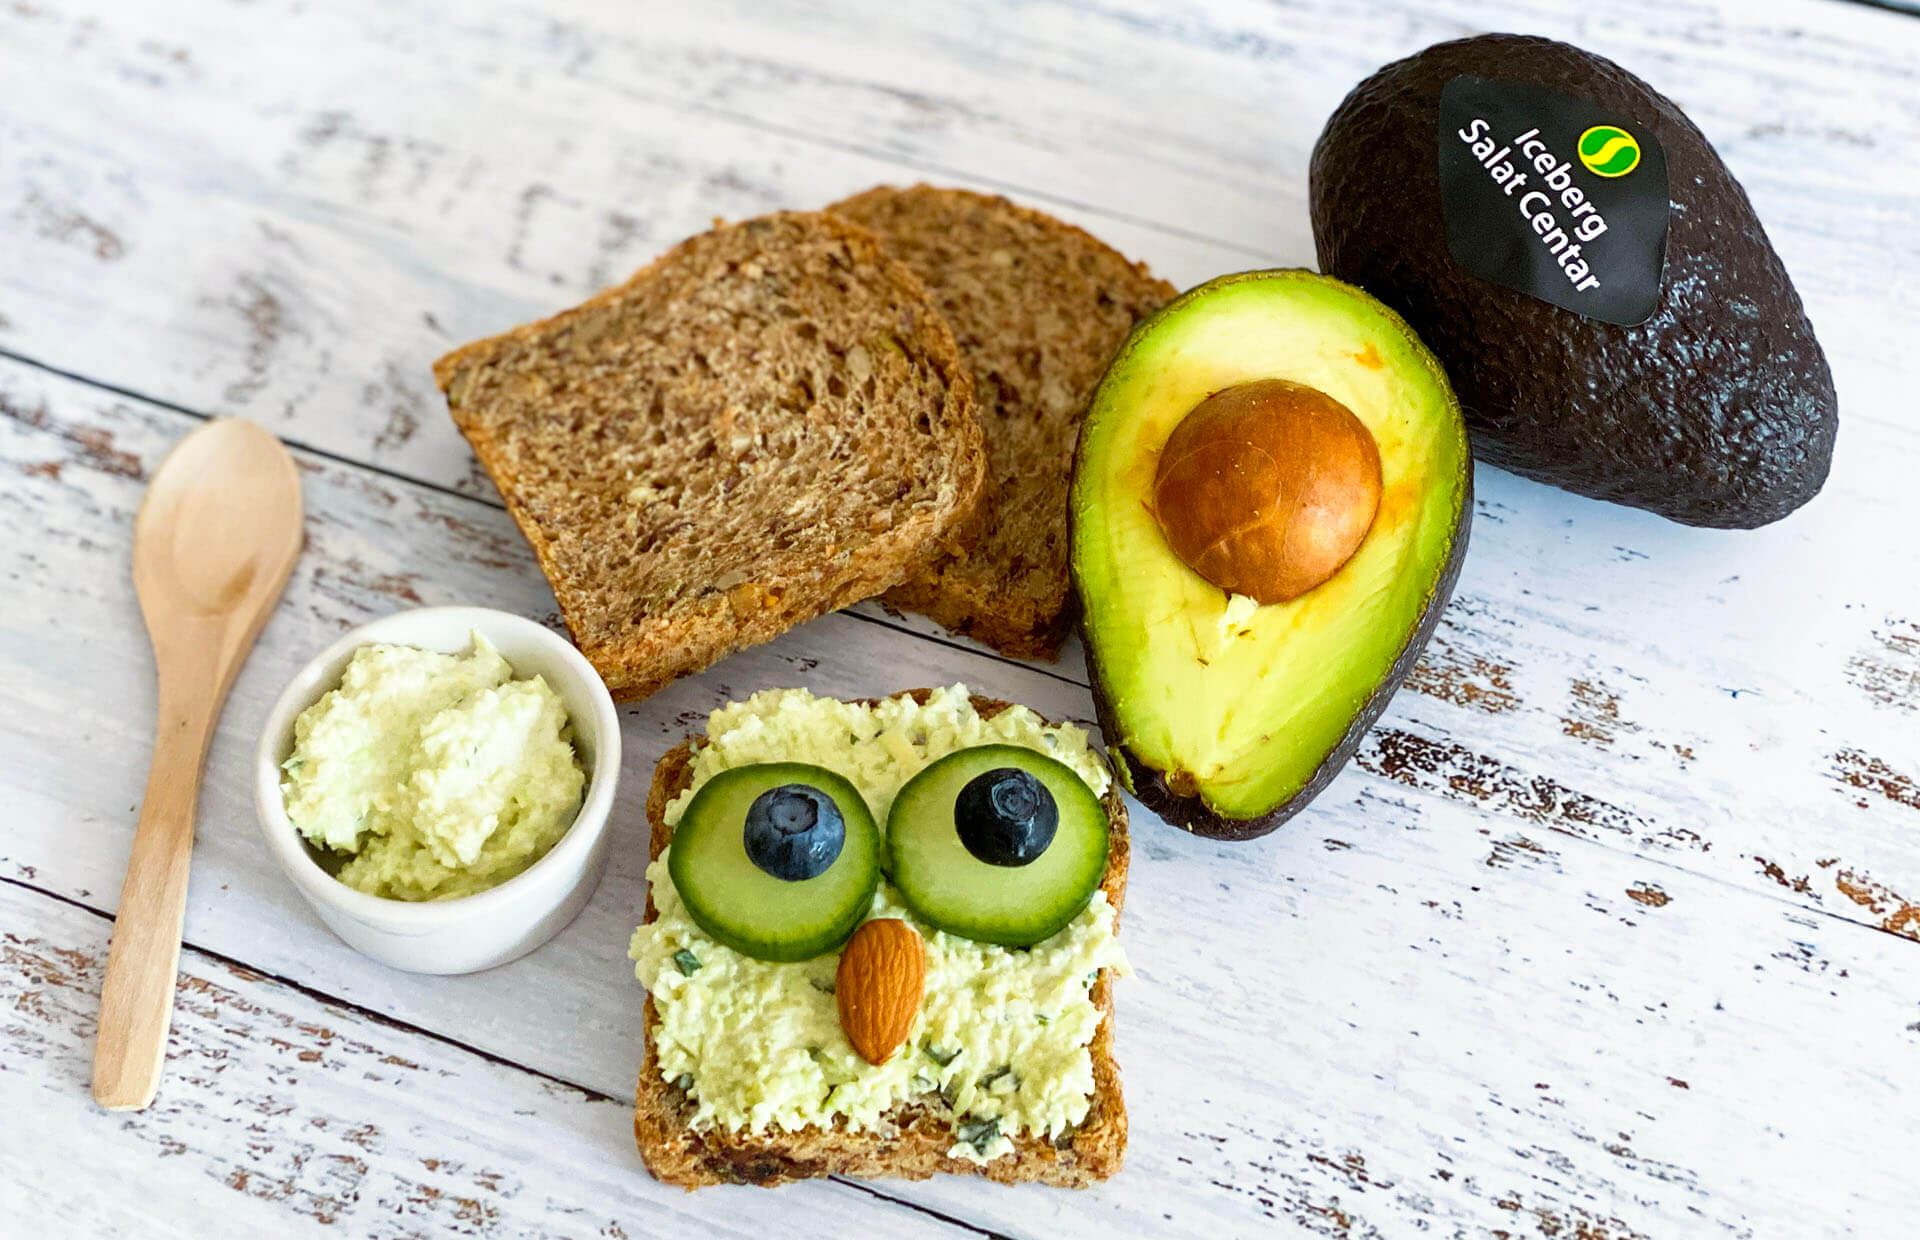 avokado u ishrani beba, beba avokado, bebe hrana avokado, bebe avokado, avokado kasa za bebe, iceberg salat centar